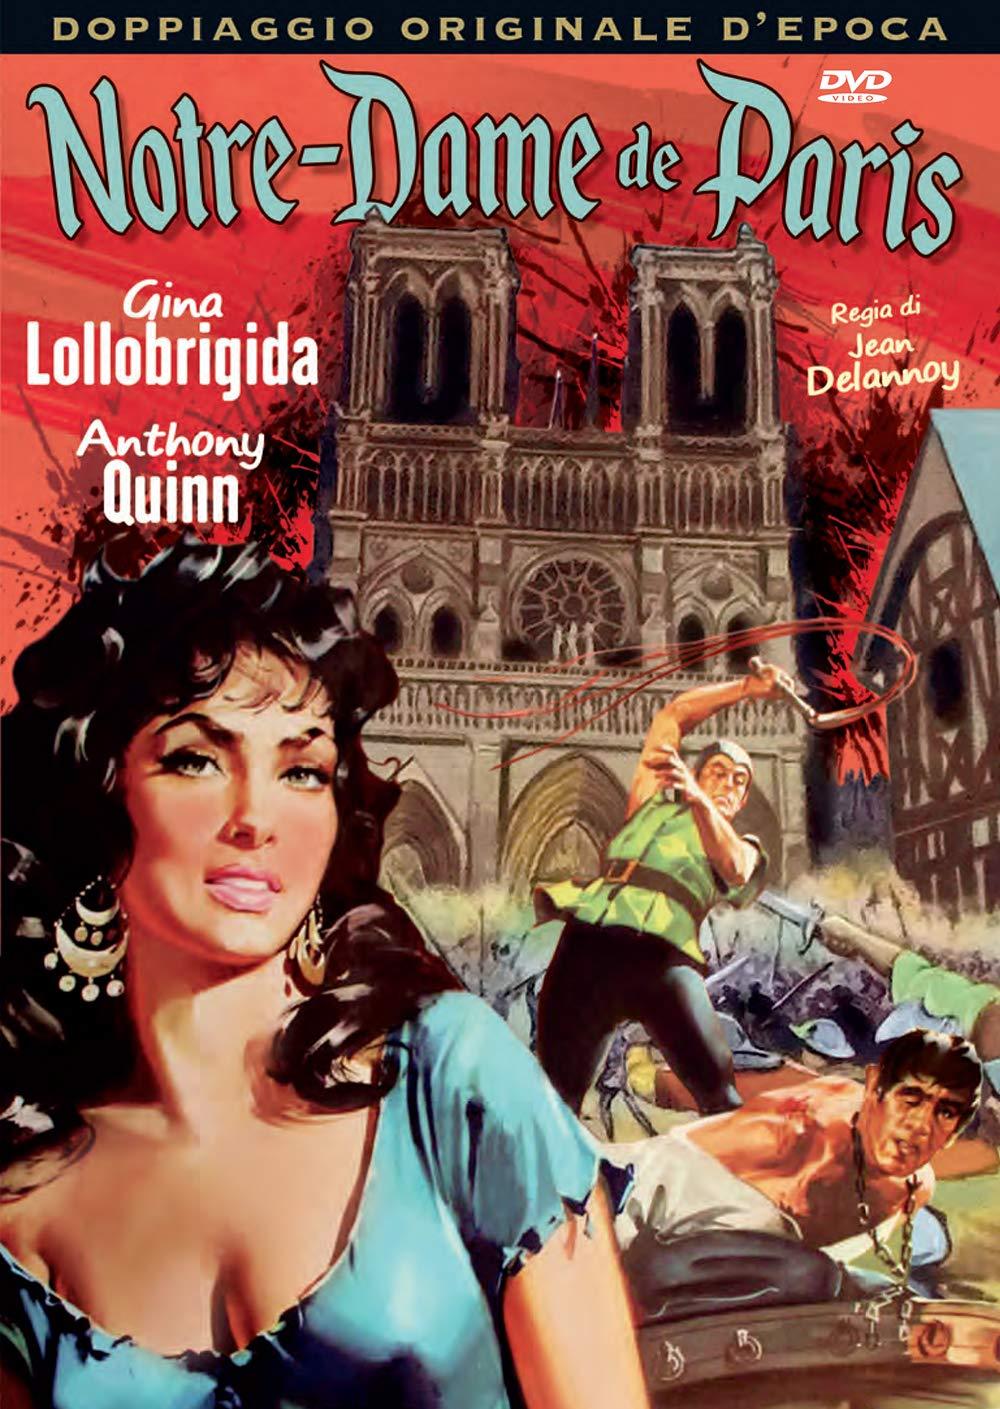 NOTRE DAME DE PARIS (DVD)